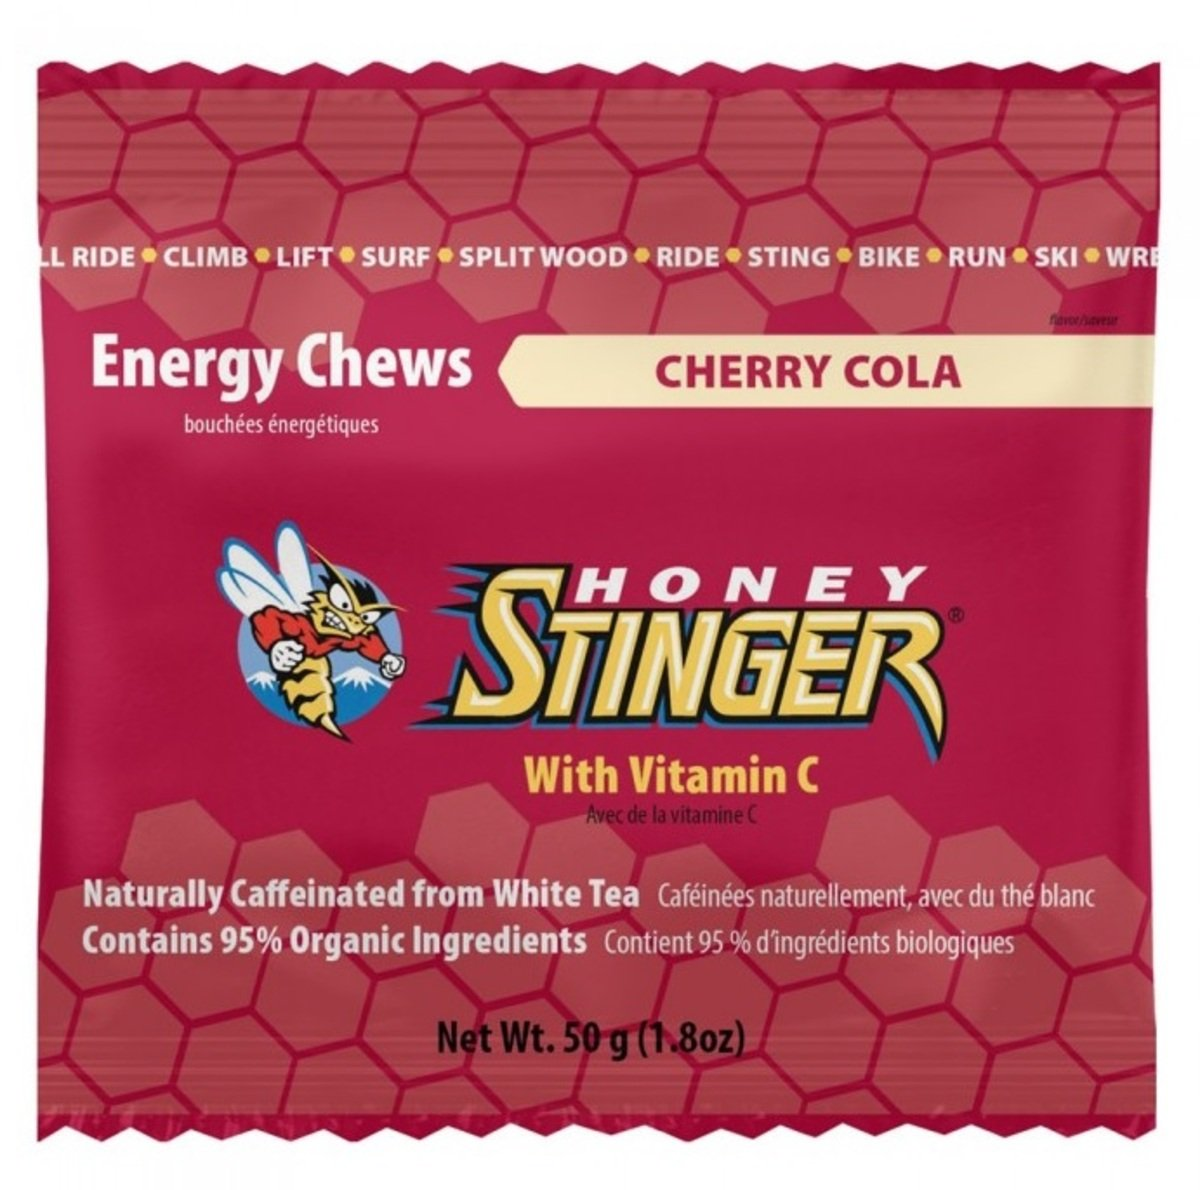 美國蜂蜜能量食品 - Energy Chews 12 Cherry Cola- Caff. - 6小包